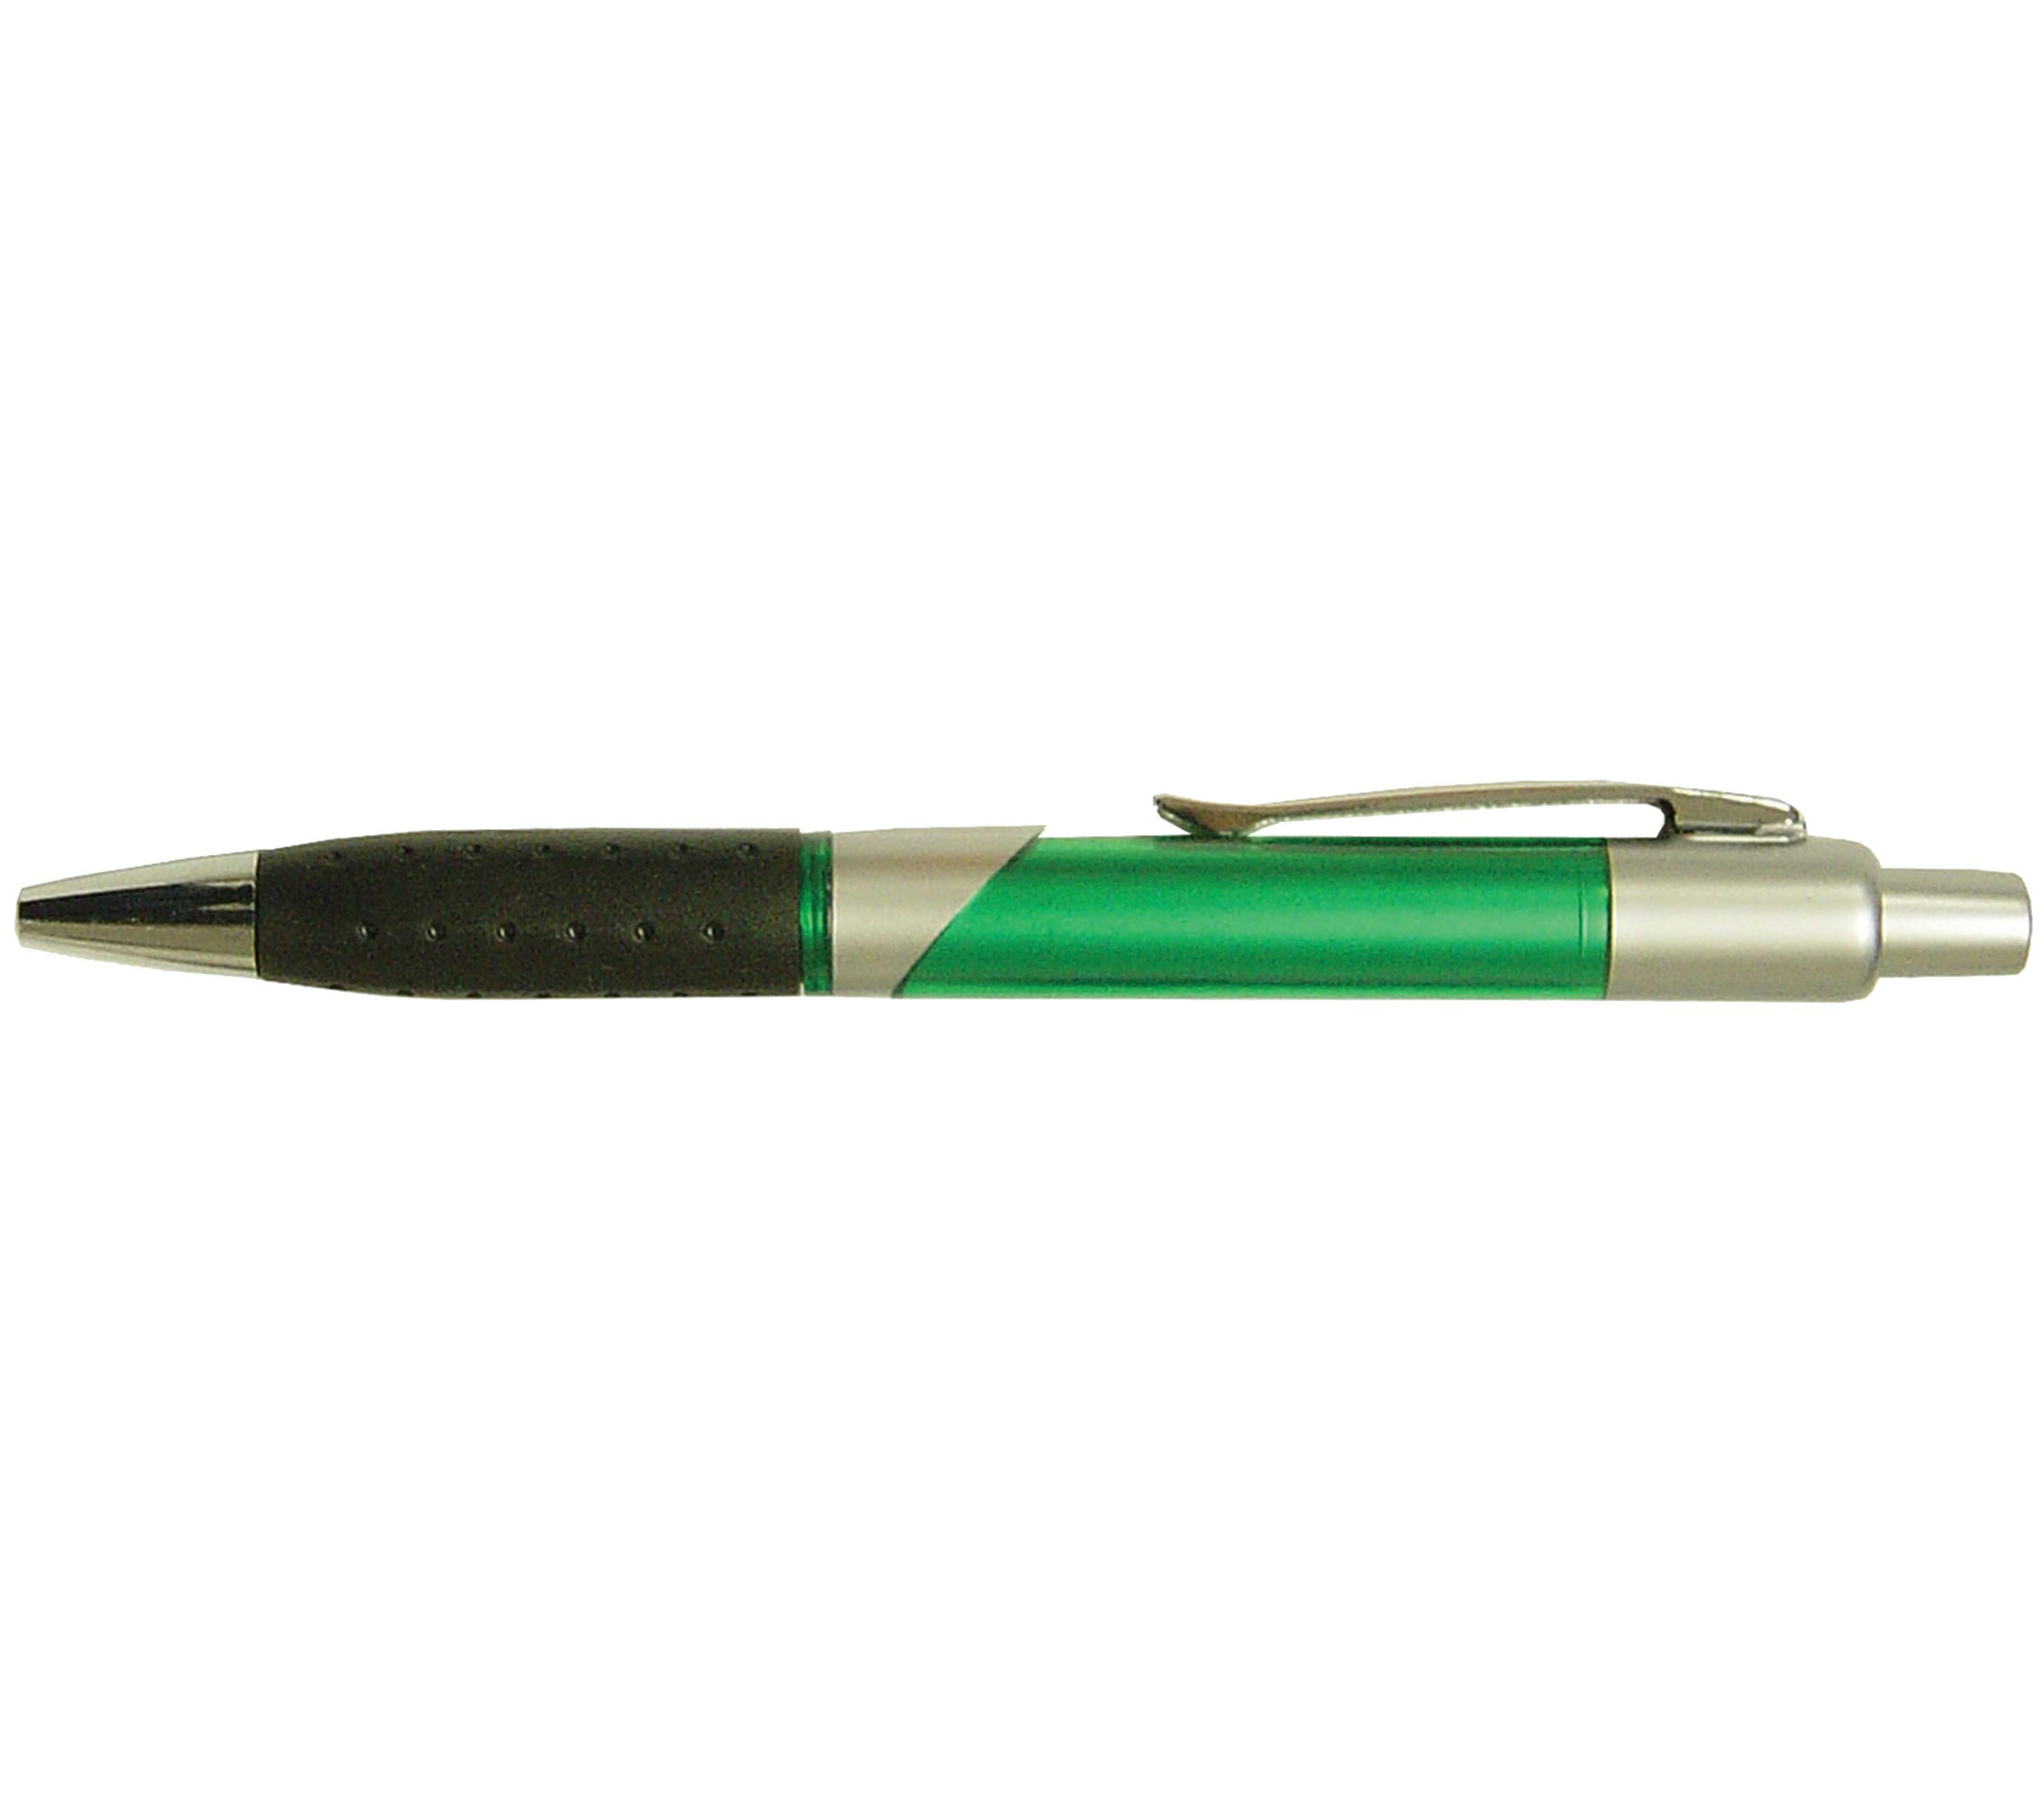 Png transparent images all. Clipart pen pen bic